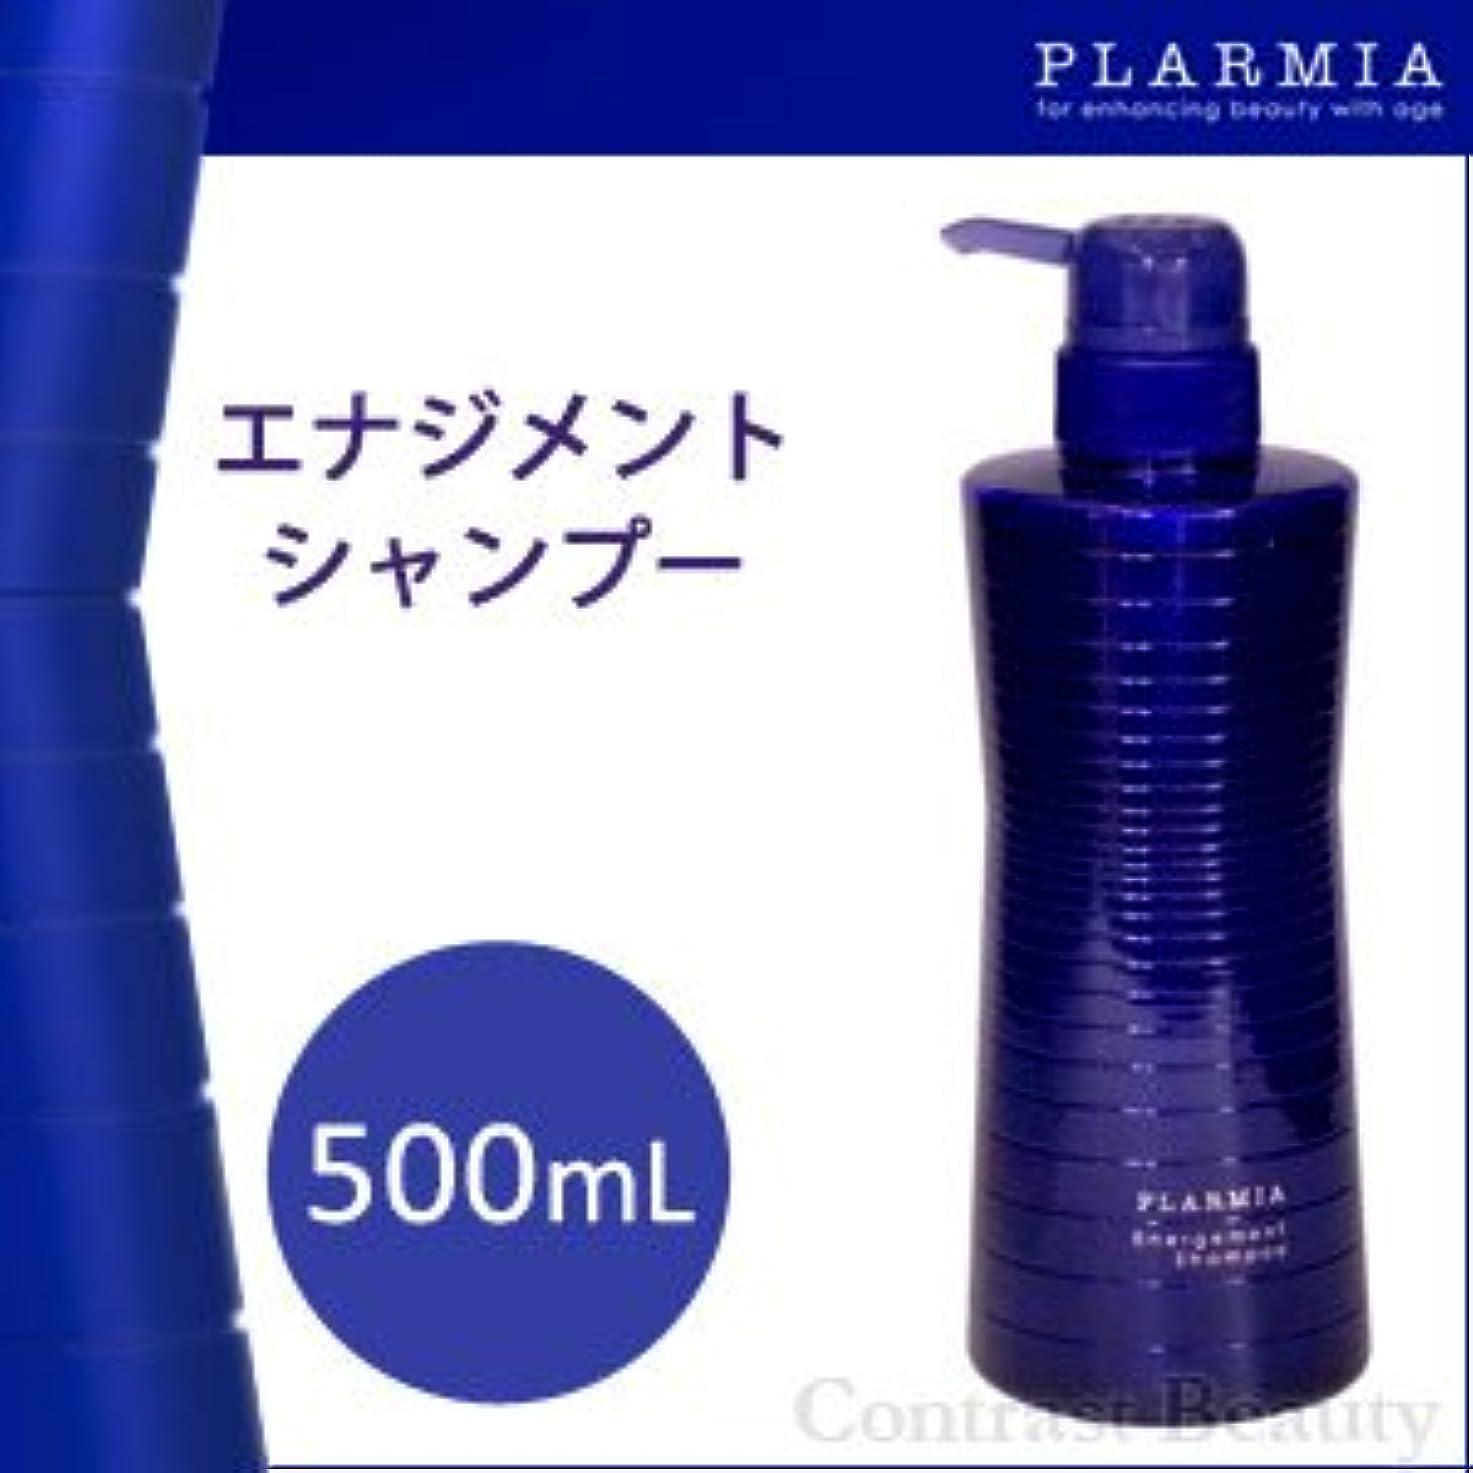 にもかかわらずシャンプークリーム【X4個セット】 ミルボン プラーミア エナジメントシャンプー 500ml